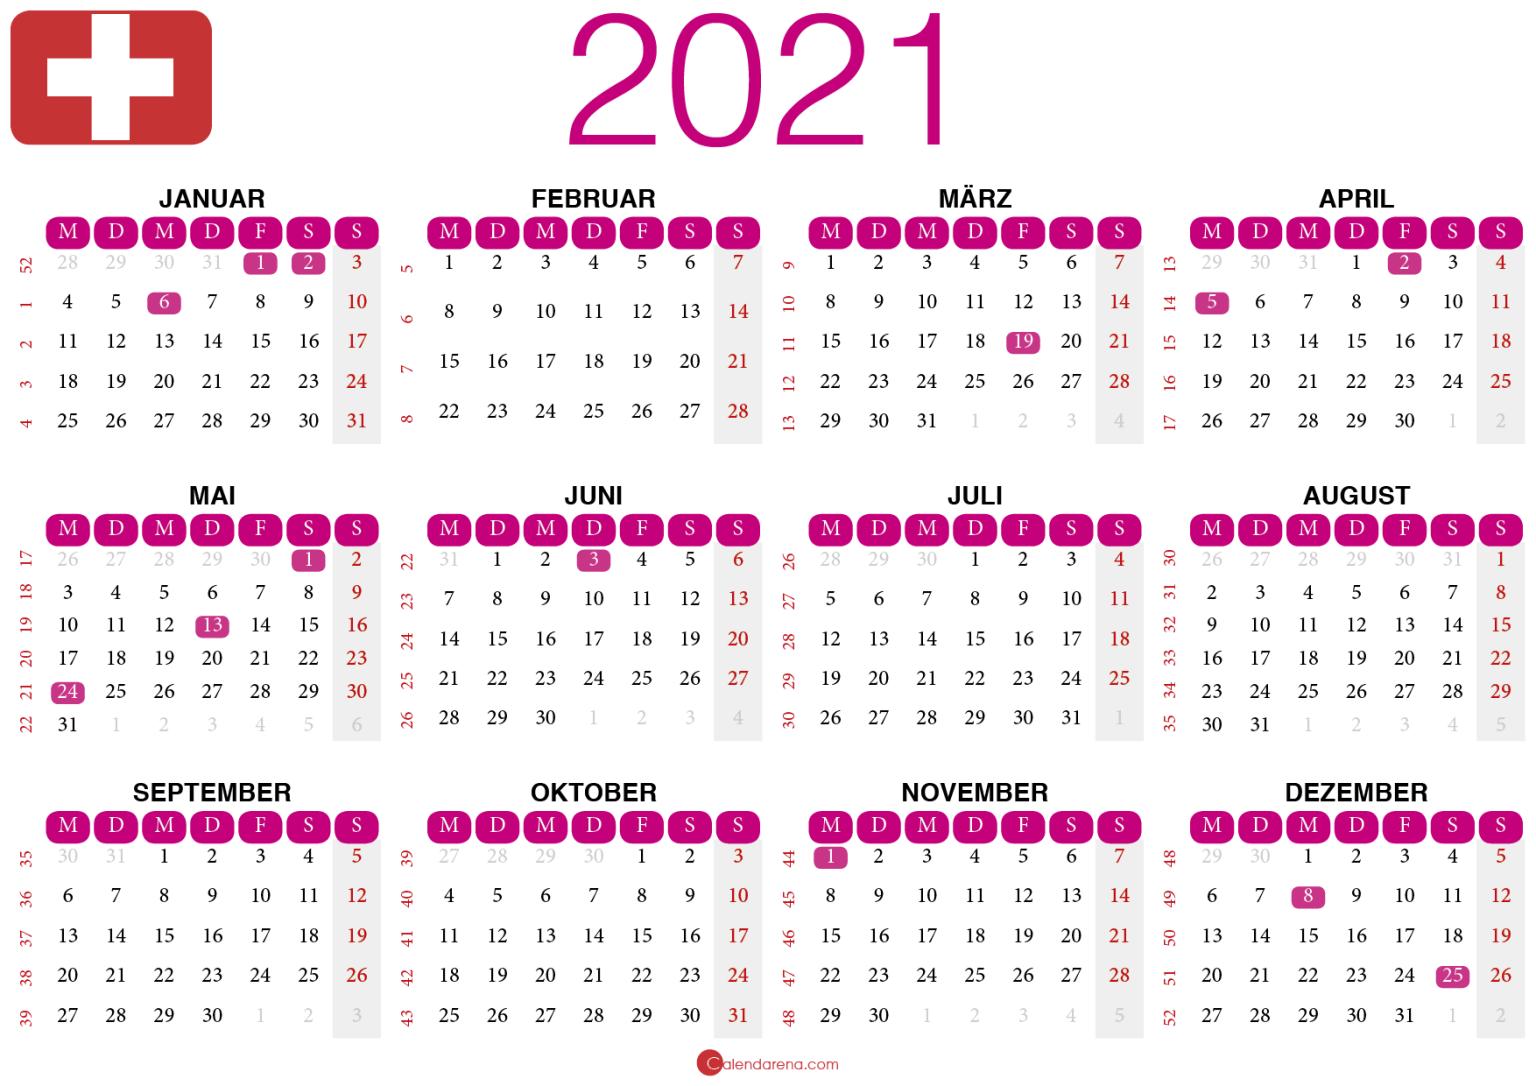 2021 Kalender zum Ausdrucken Schweiz 🇨🇭